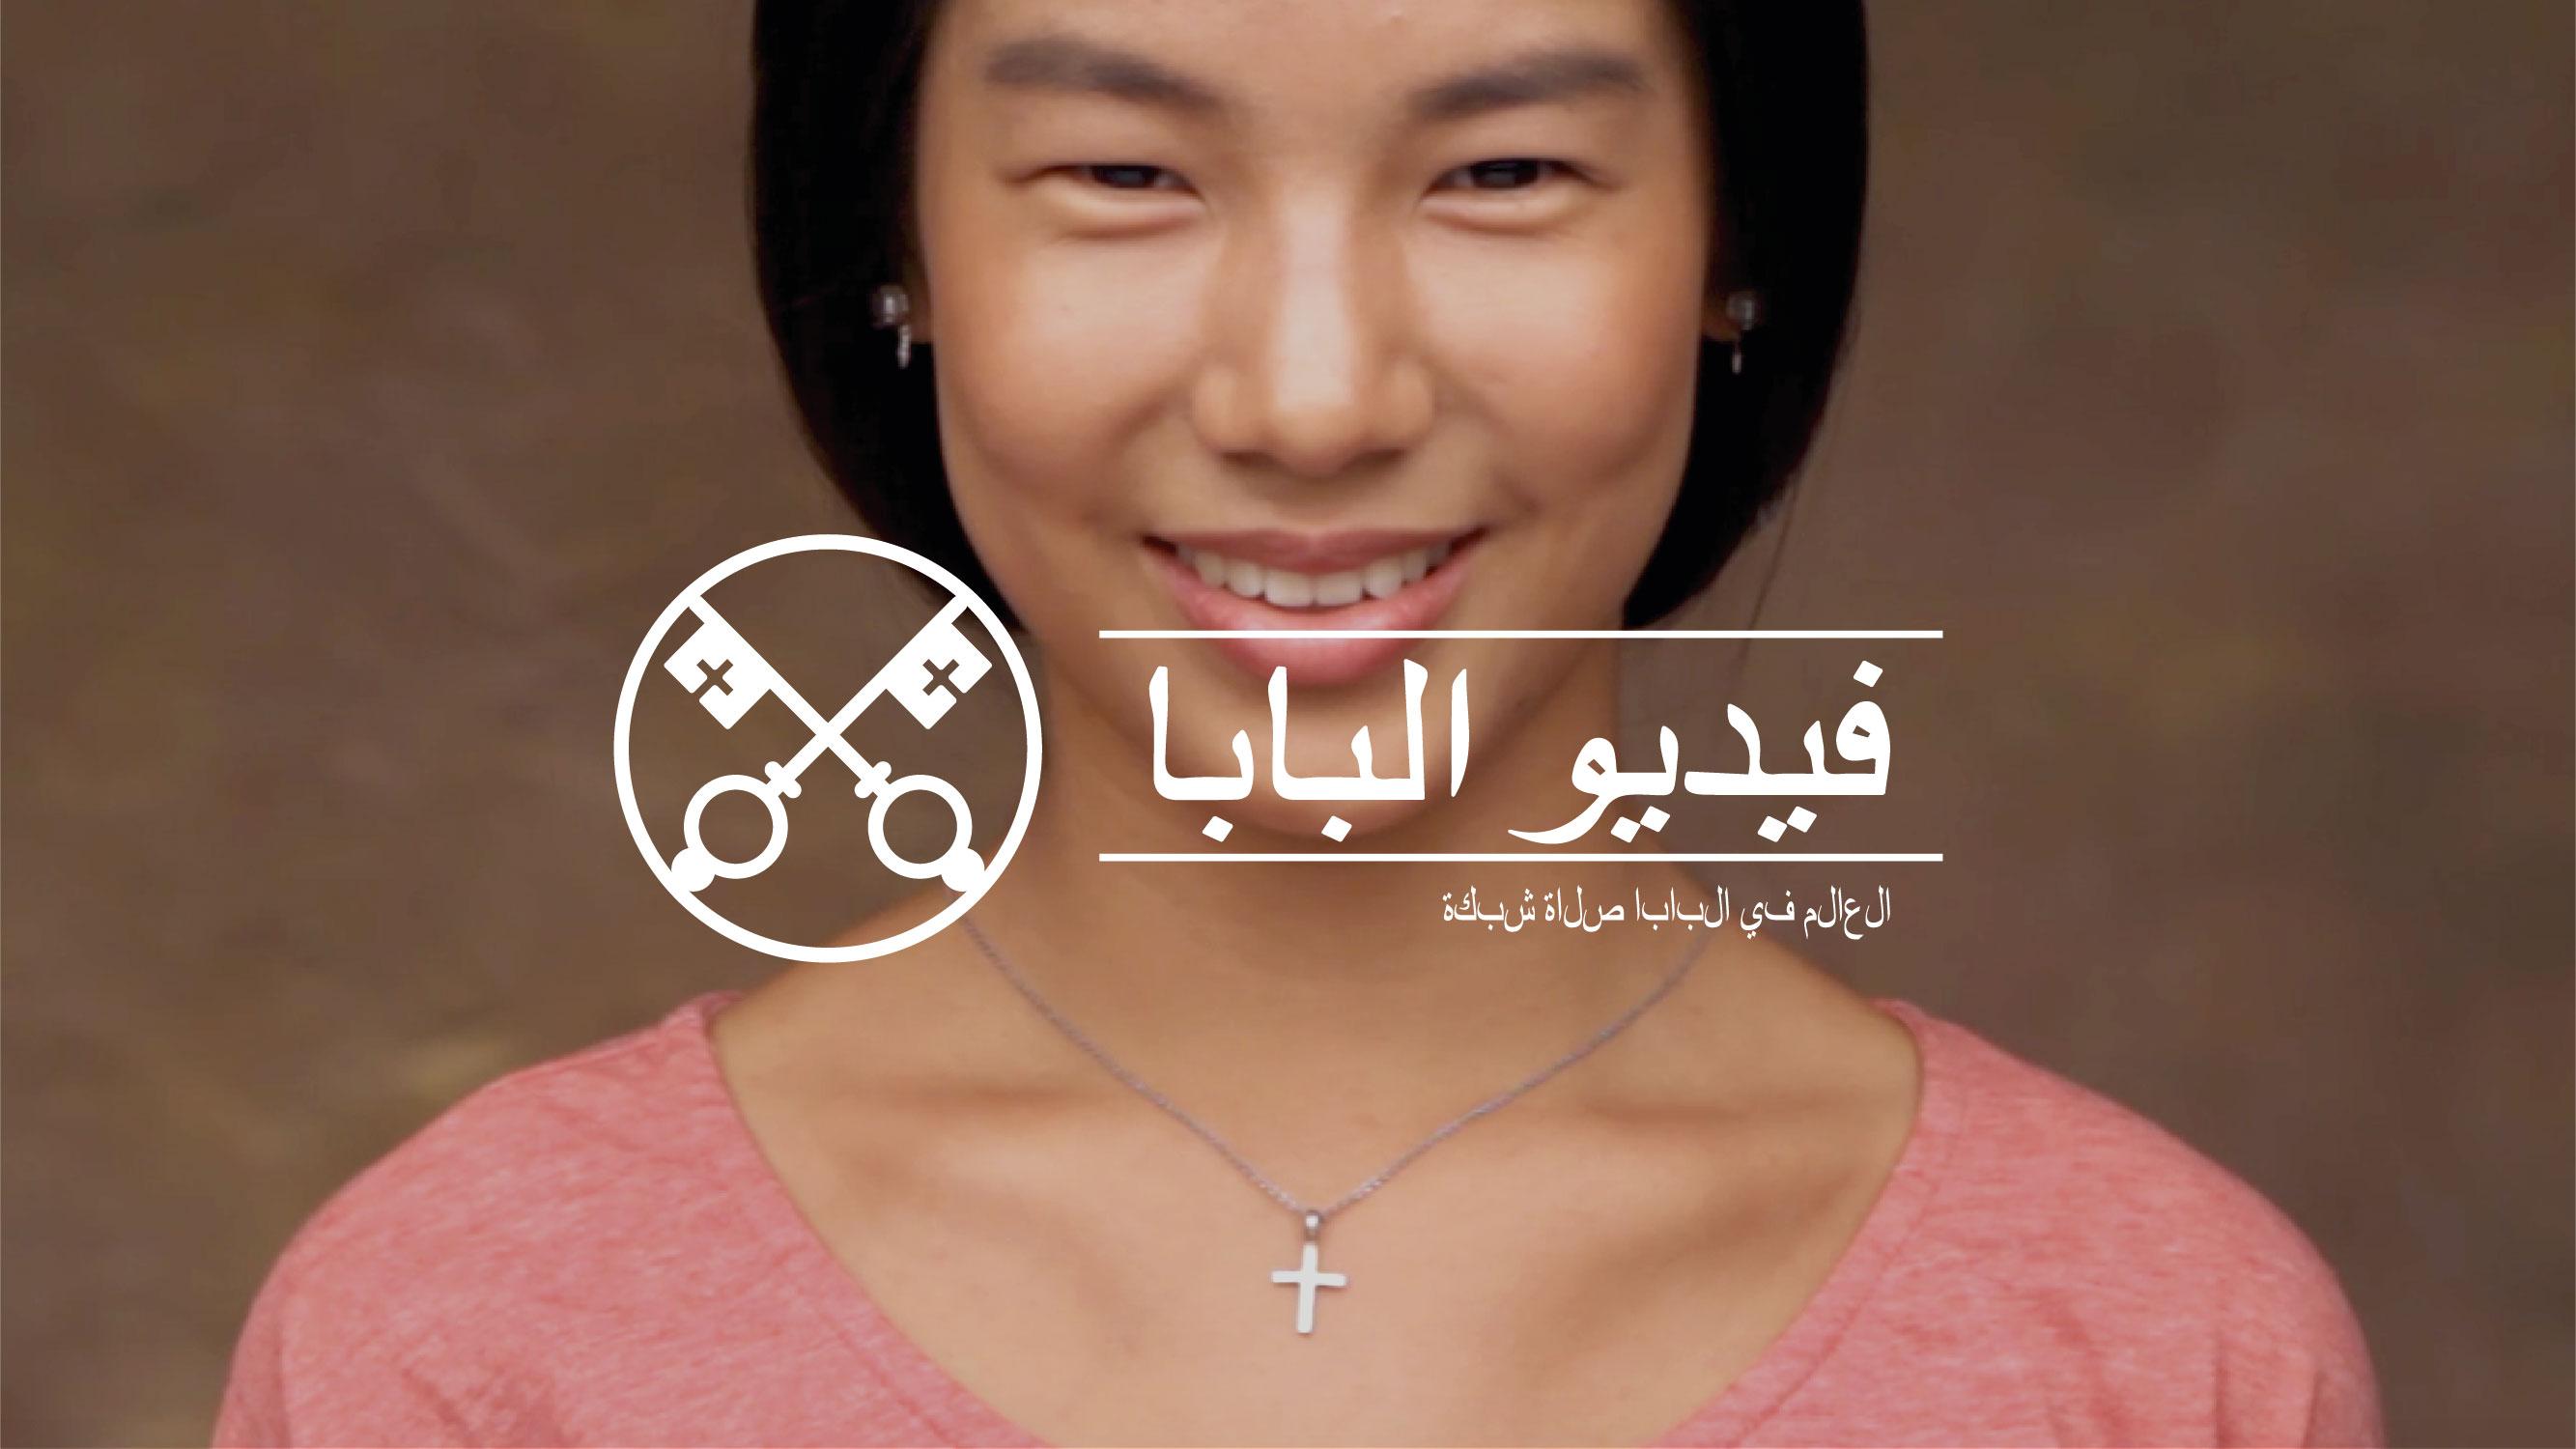 .المسيحيون في آسيا